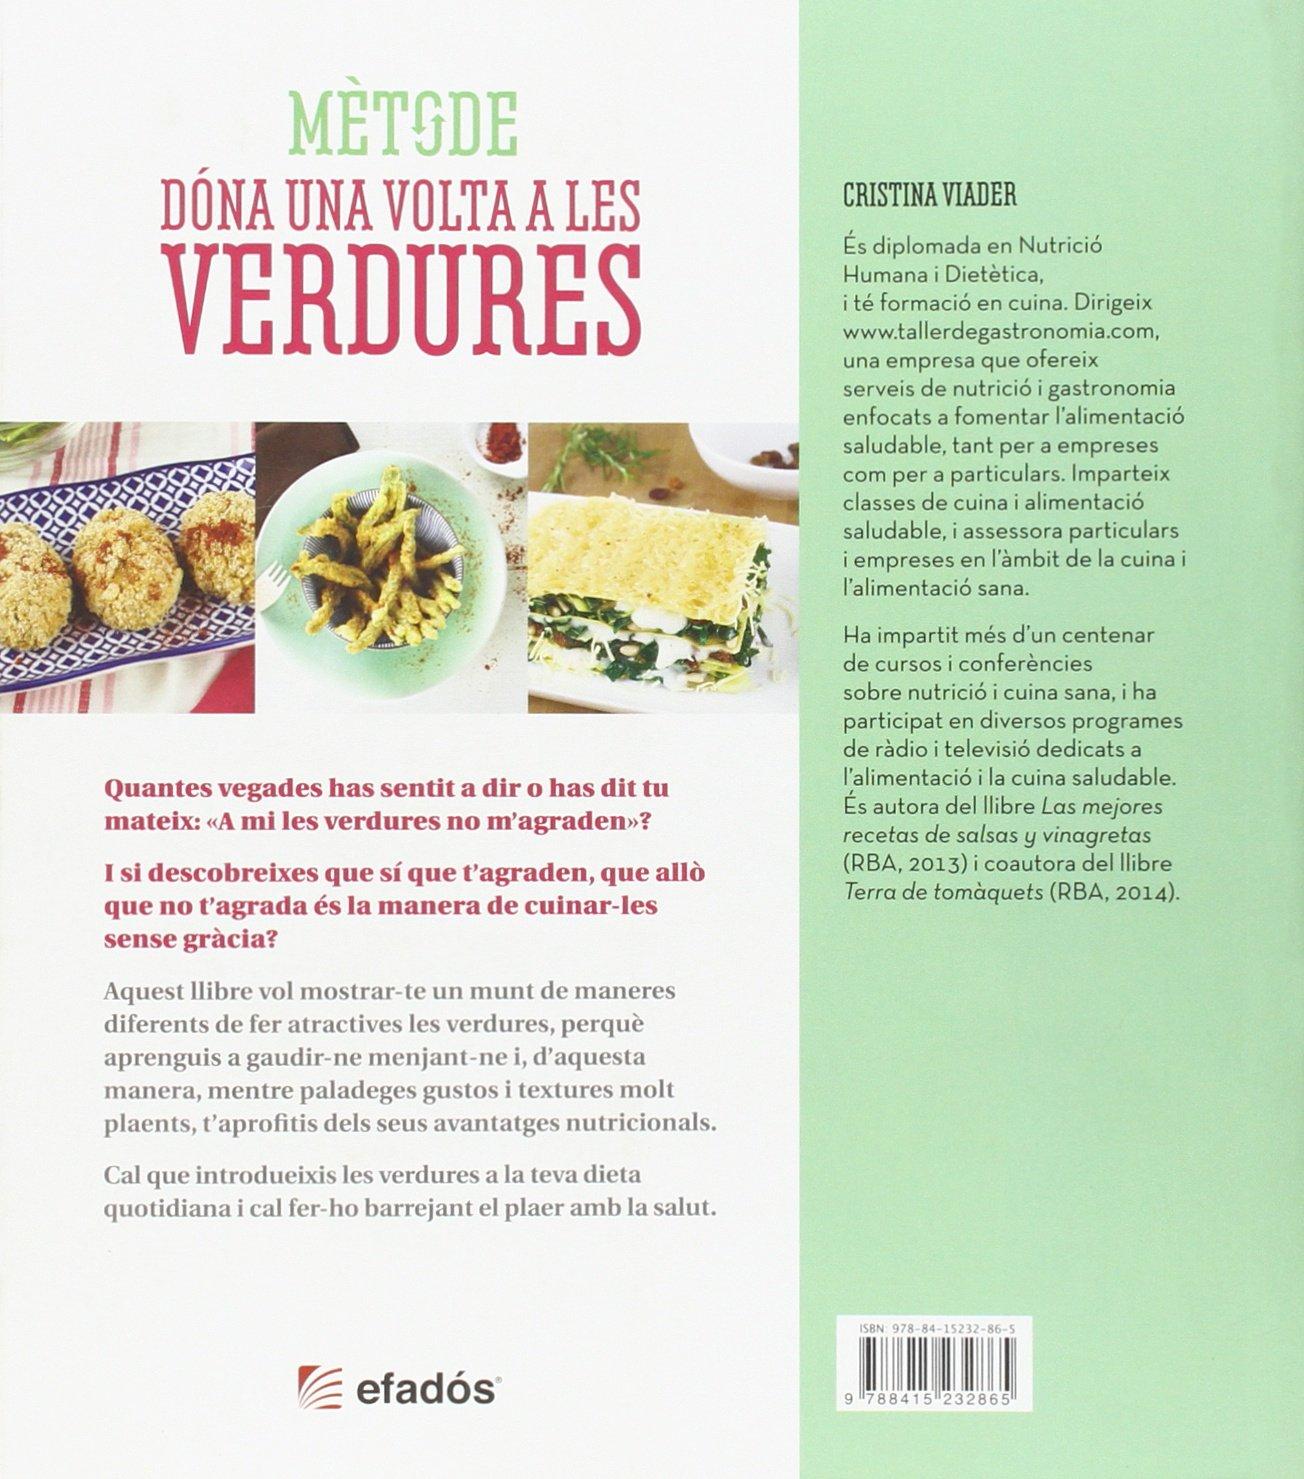 METODE DONA UNA VOLTA A LES VERDURES: Cristina Viader: 9788415232865: Amazon.com: Books